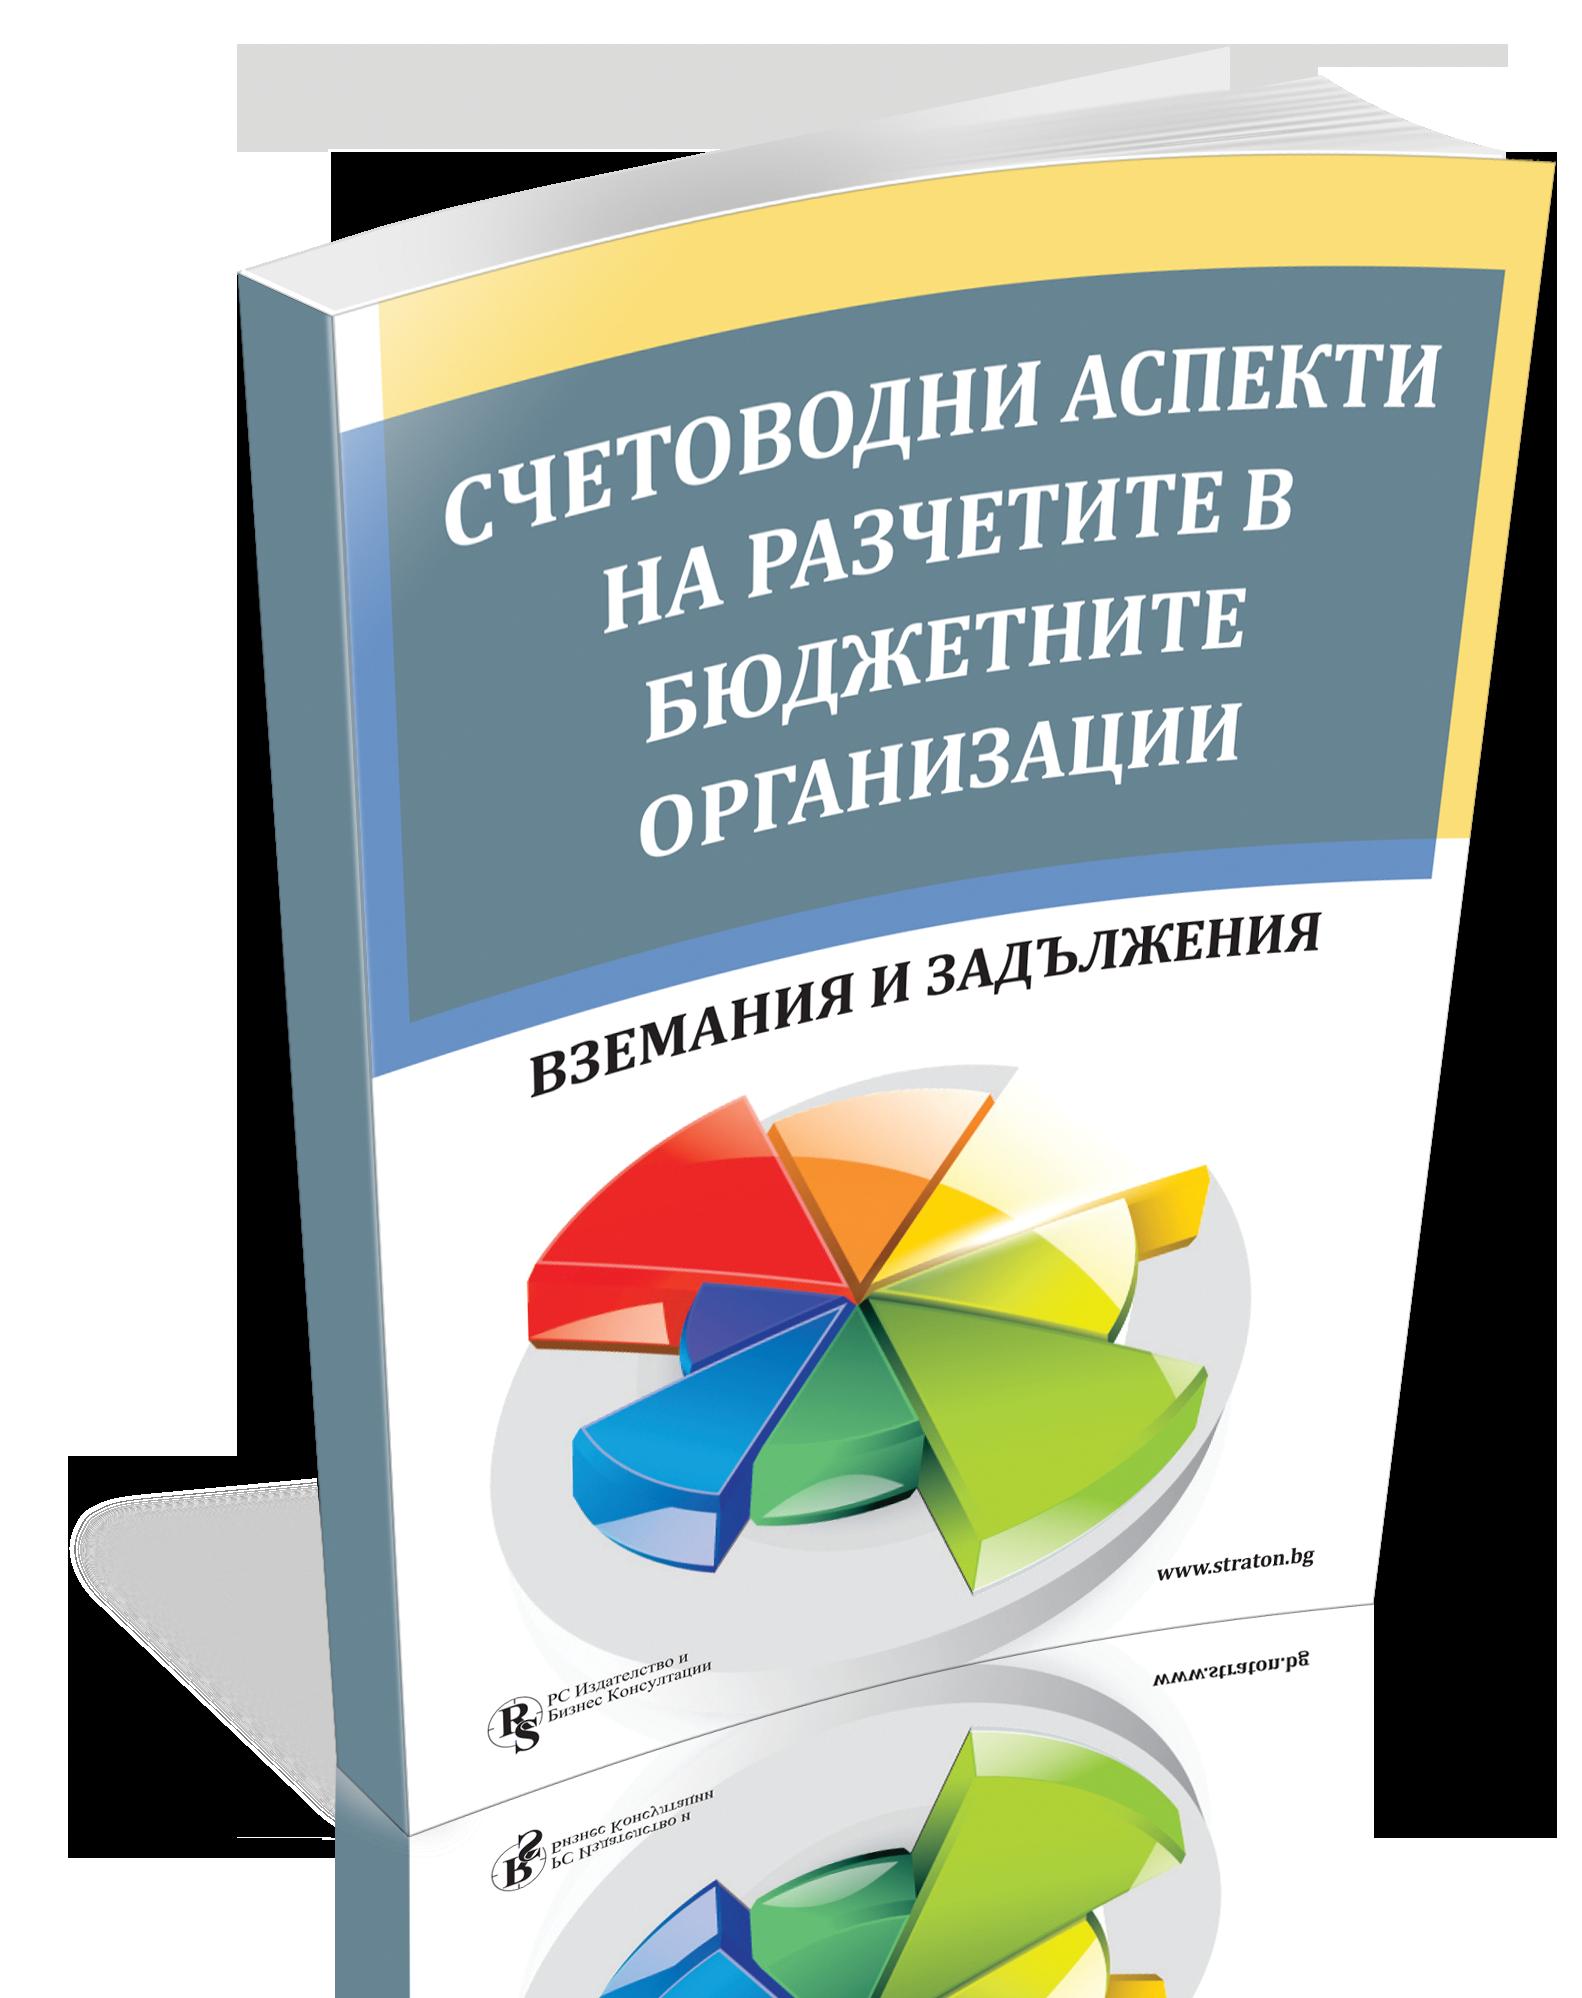 Отчитане на извършването на разходи/ придобиване на активи от бюджетна организация чрез други бюджетни организации и лица